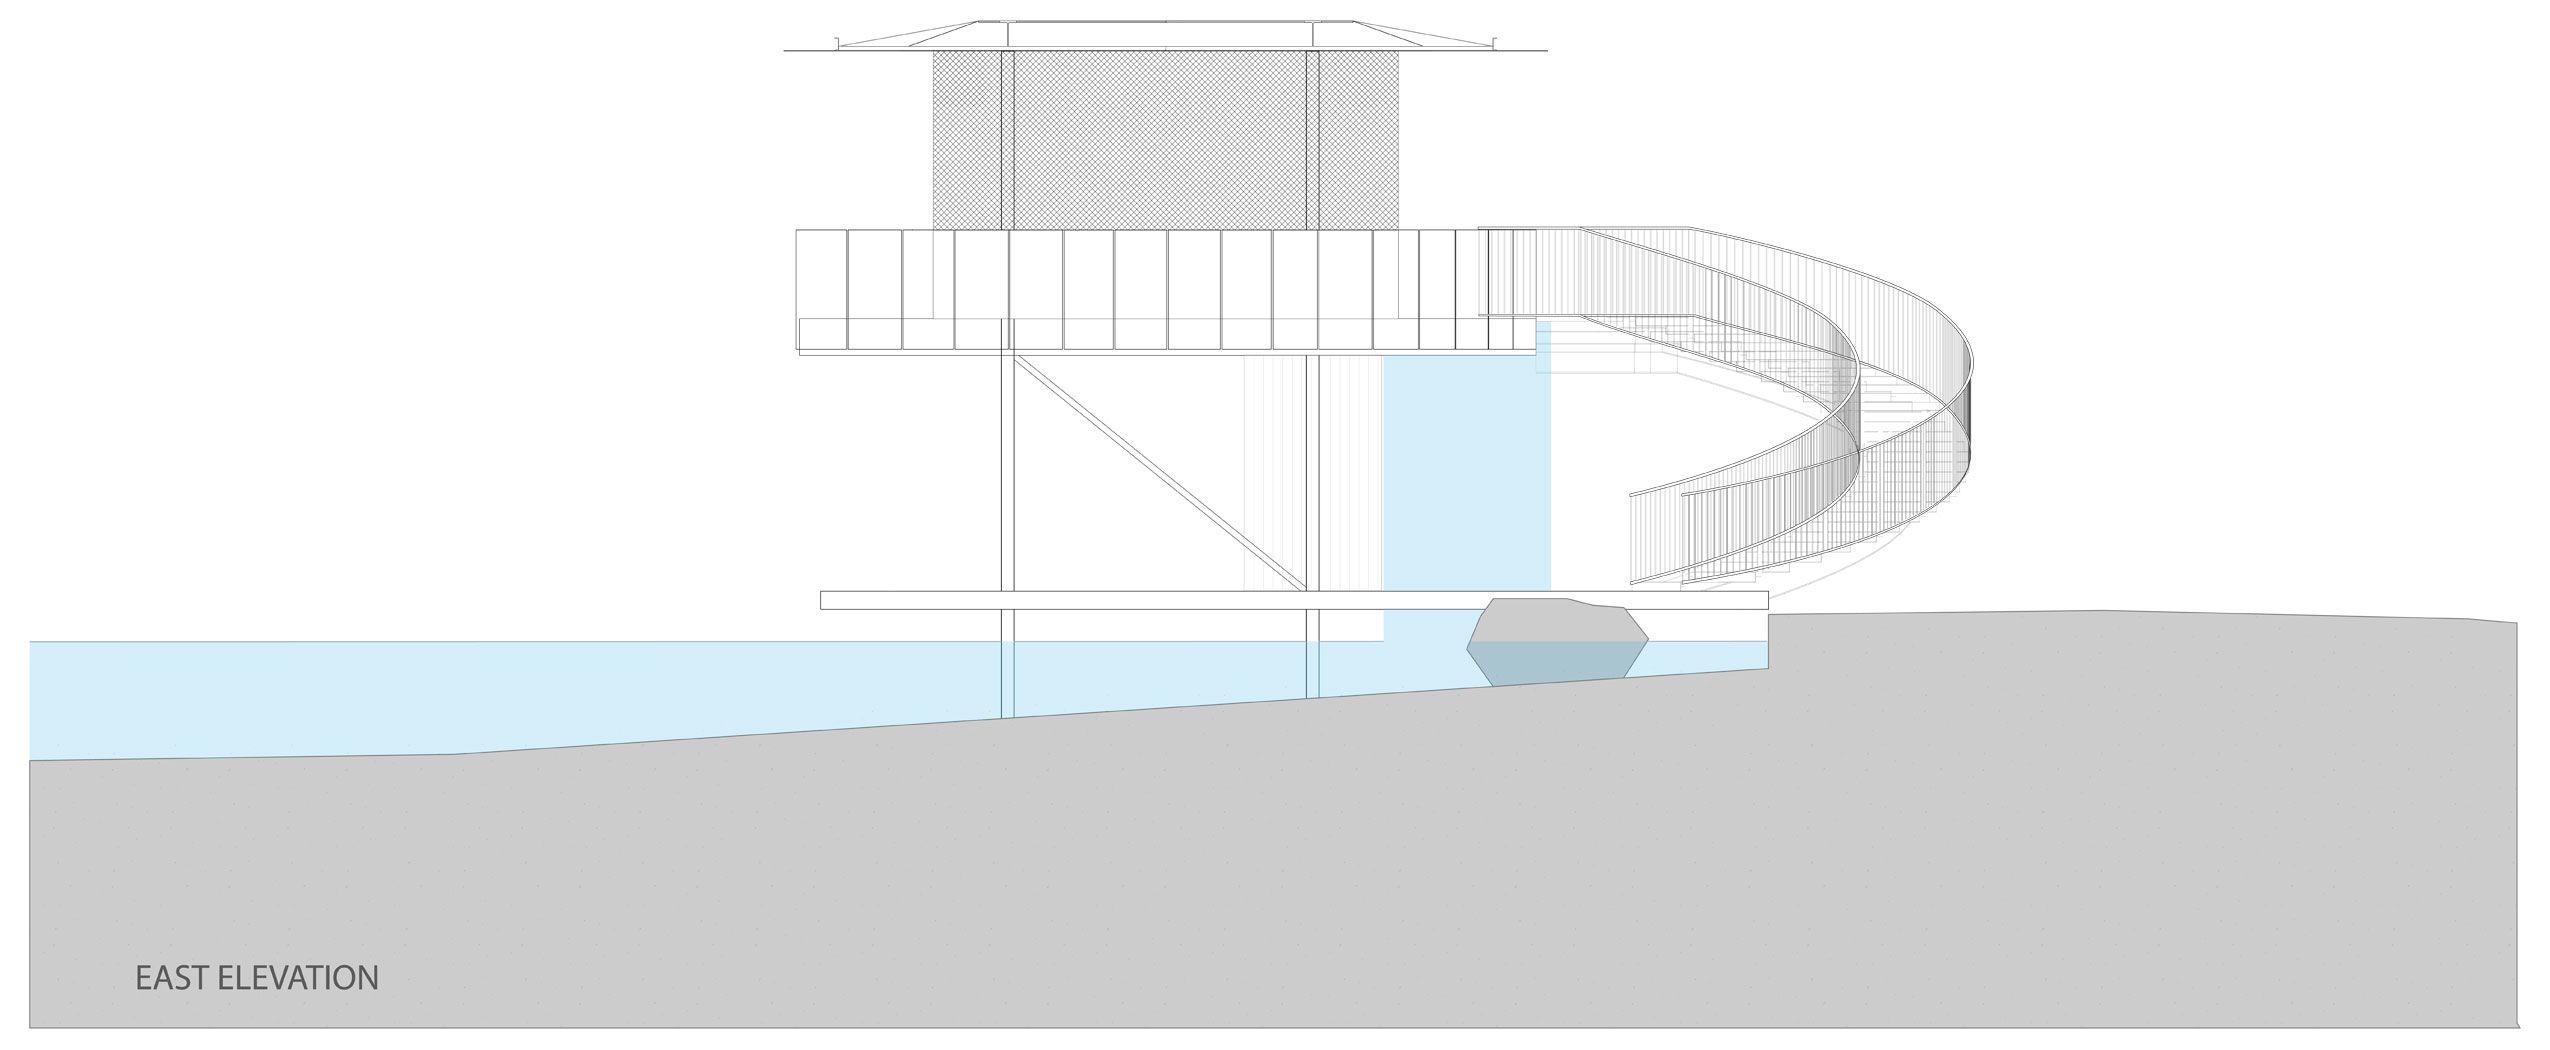 Shore Vista Boat Dock By Bercy Chen Studio Boat Dock - Awesome floating house shore vista boat dock by bercy chen studio